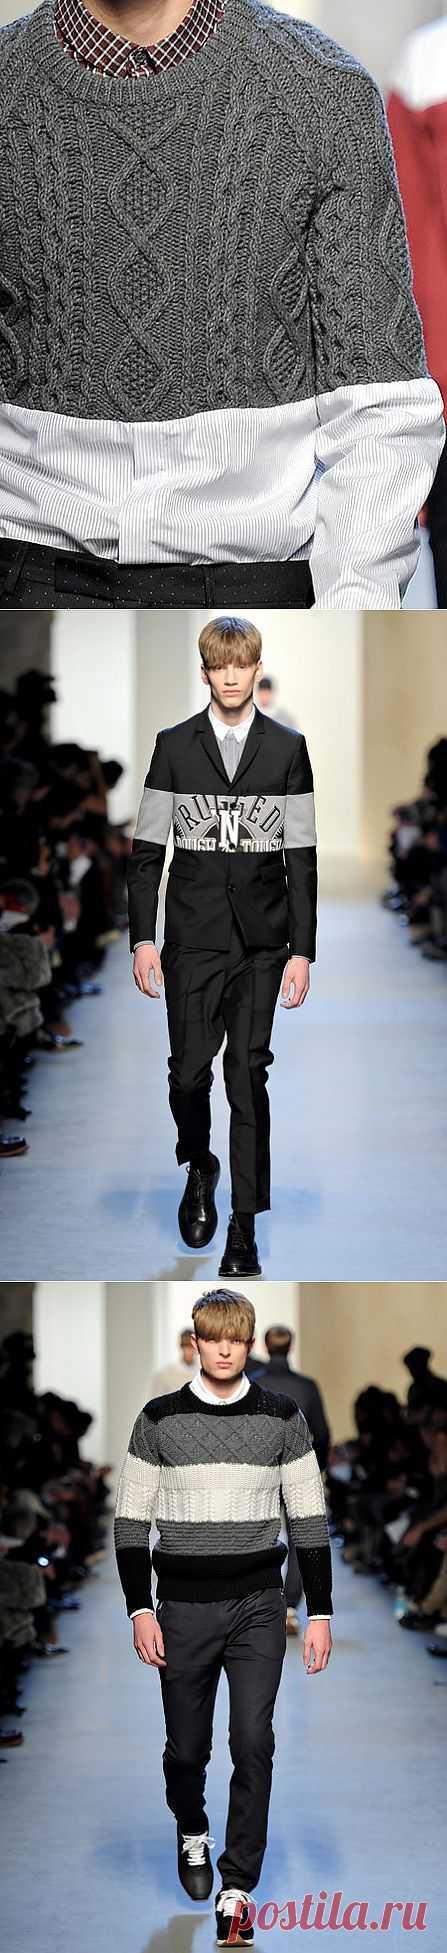 Коллекция Kris Van Assche (трафик) / Дизайнеры / Модный сайт о стильной переделке одежды и интерьера